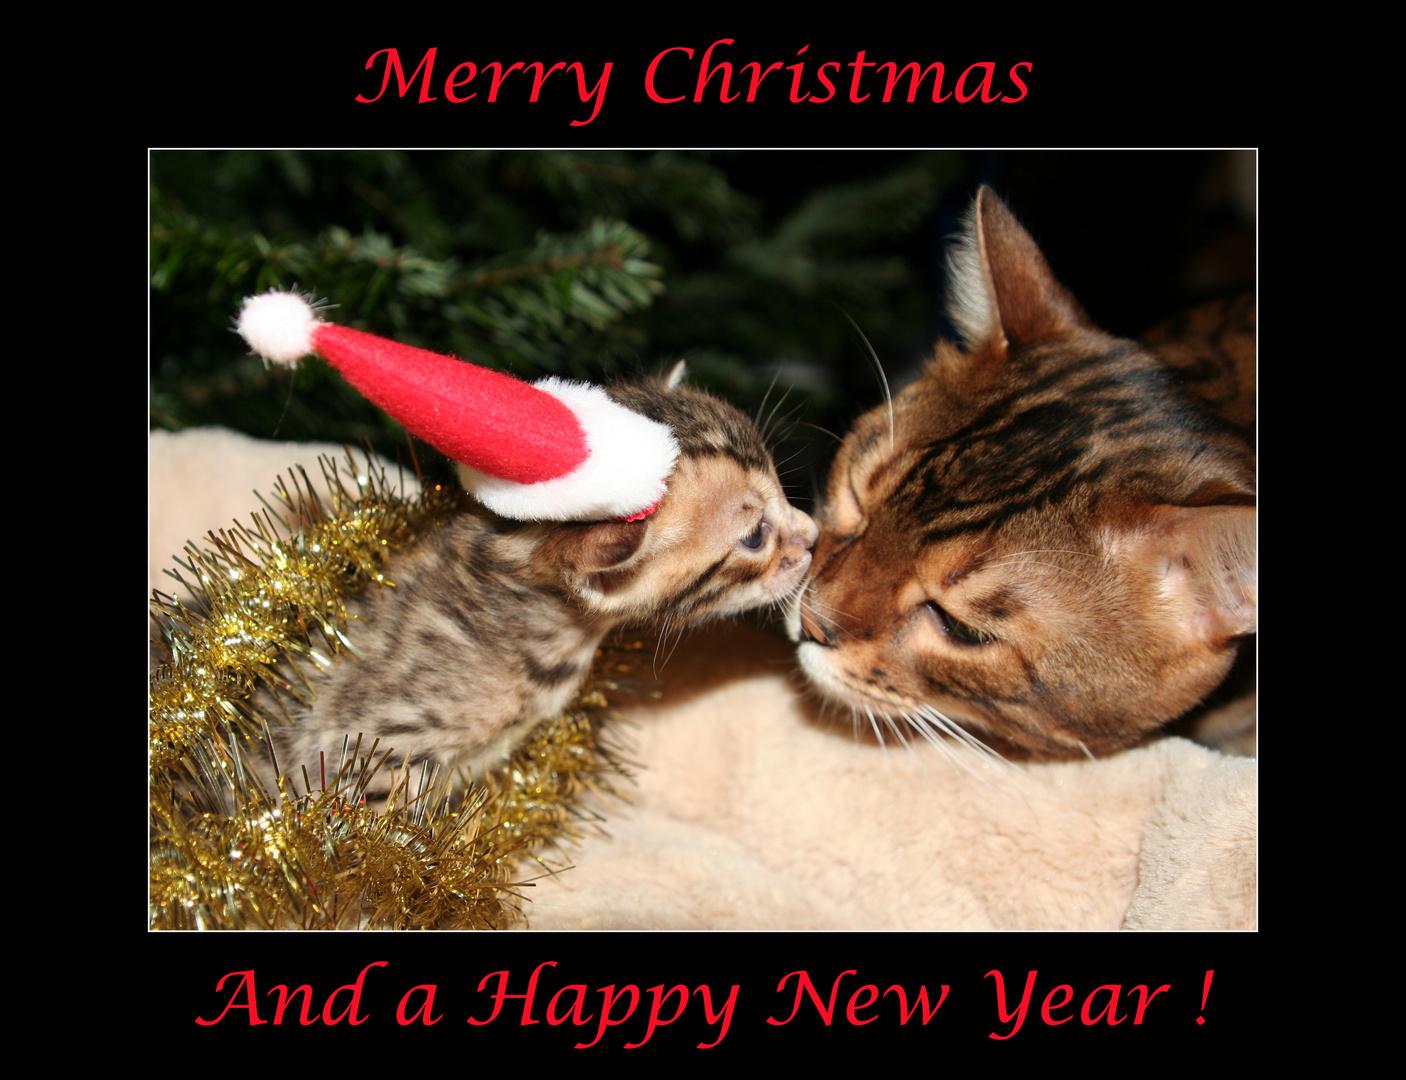 Frohe Weihnachten Und Einen Guten Rutsch Foto Bild Gratulation